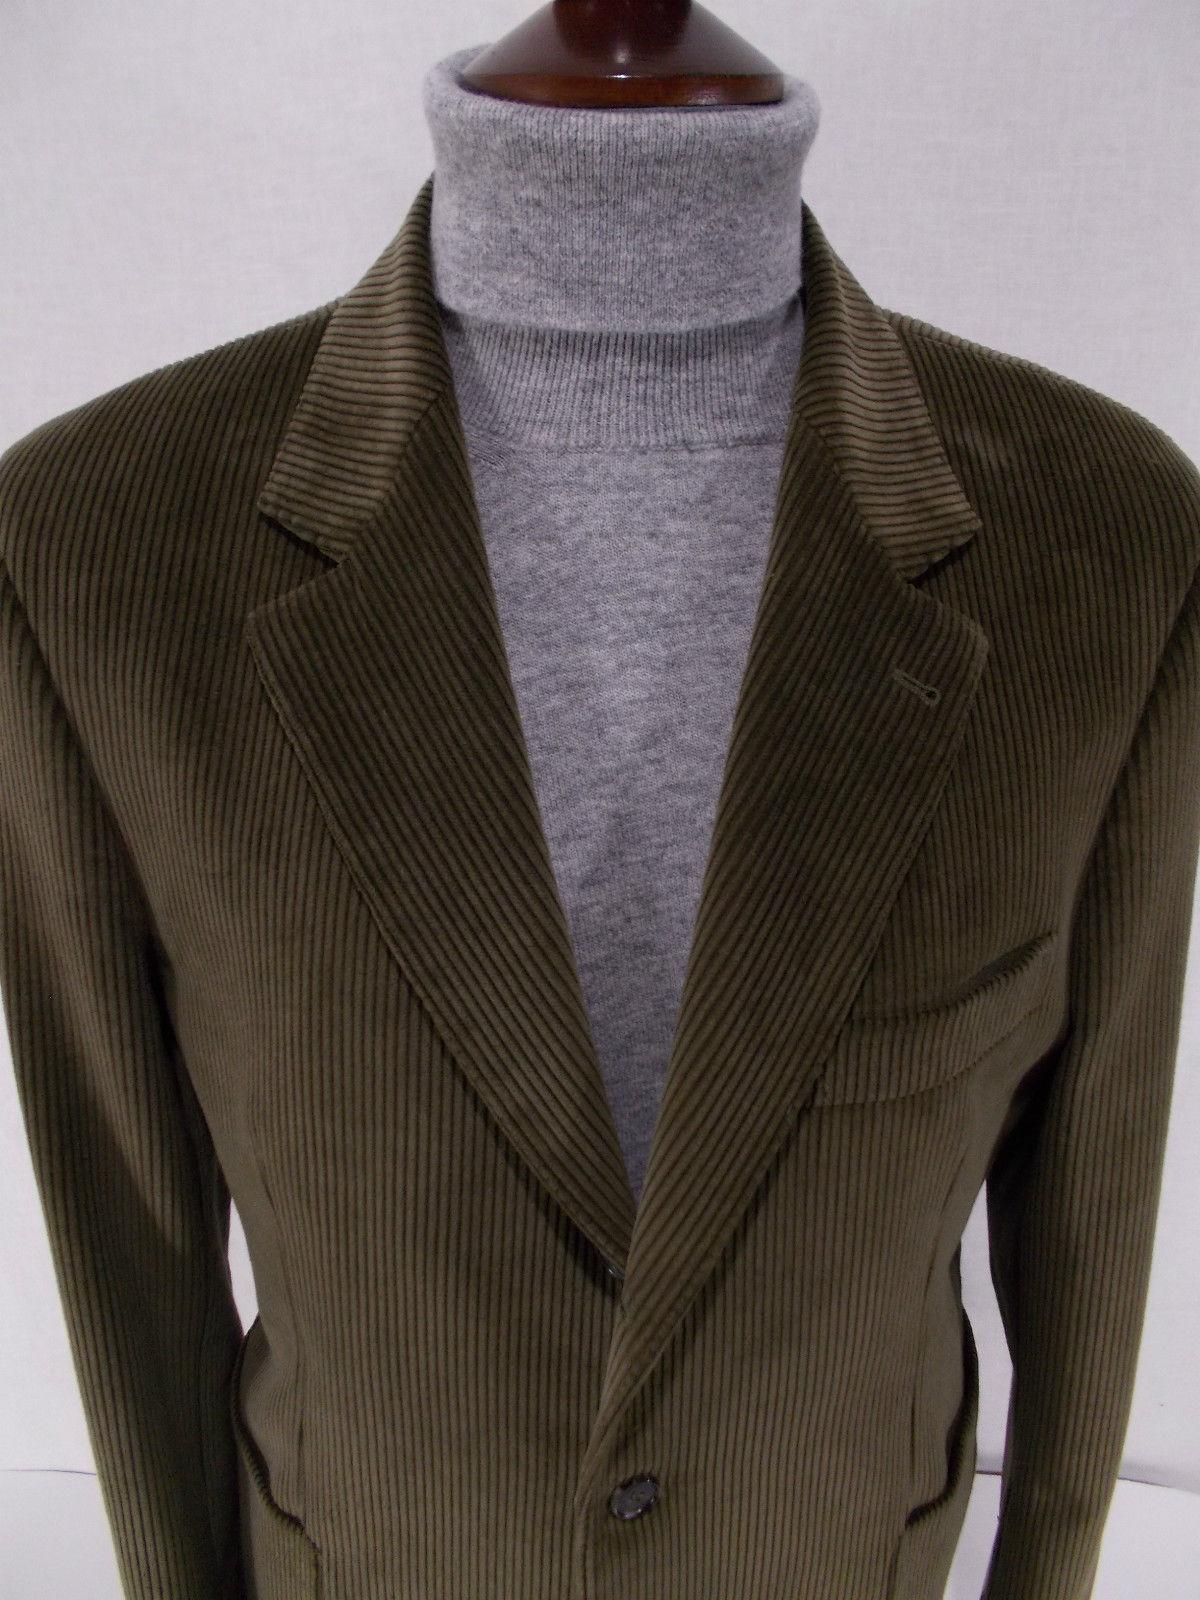 28f53816ea Dettagli su D'AVENZA giacca UOMO sartoriale VELLUTO verde tg. 52-56-58(IT)  42-46-48(US) 6R